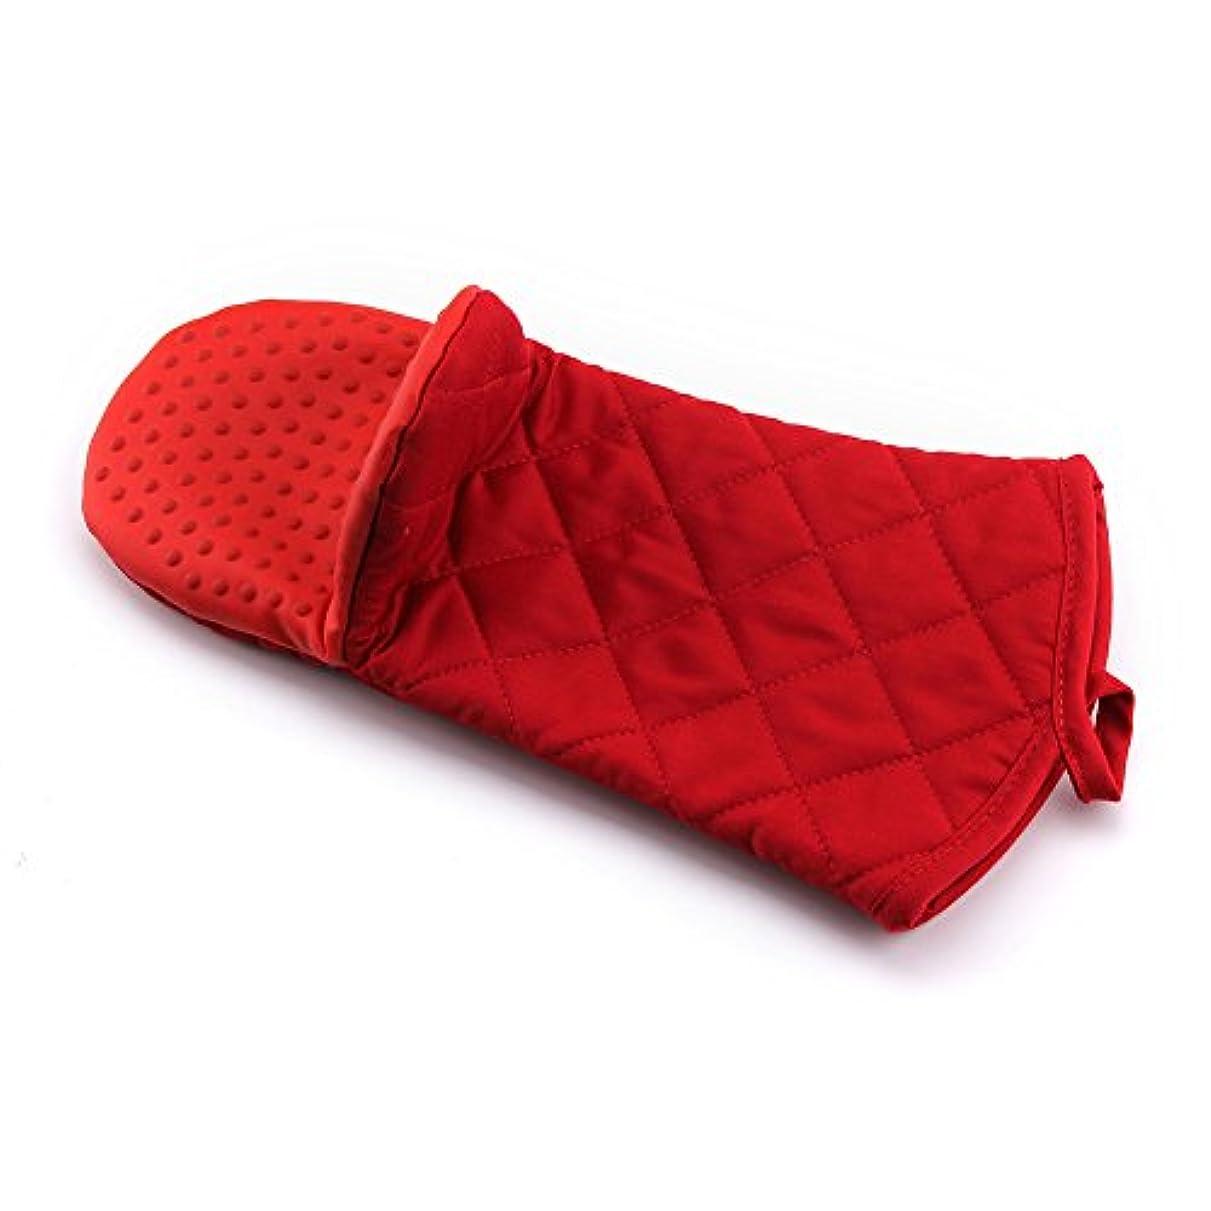 アリ非アクティブ凍るOUYOU 耐熱グローブ シリコンチェック 耐熱温度280℃ キッチングローブ オーブンミトン シリコン手袋 滑り止め クッキング用 フリーサイズ 2個セット